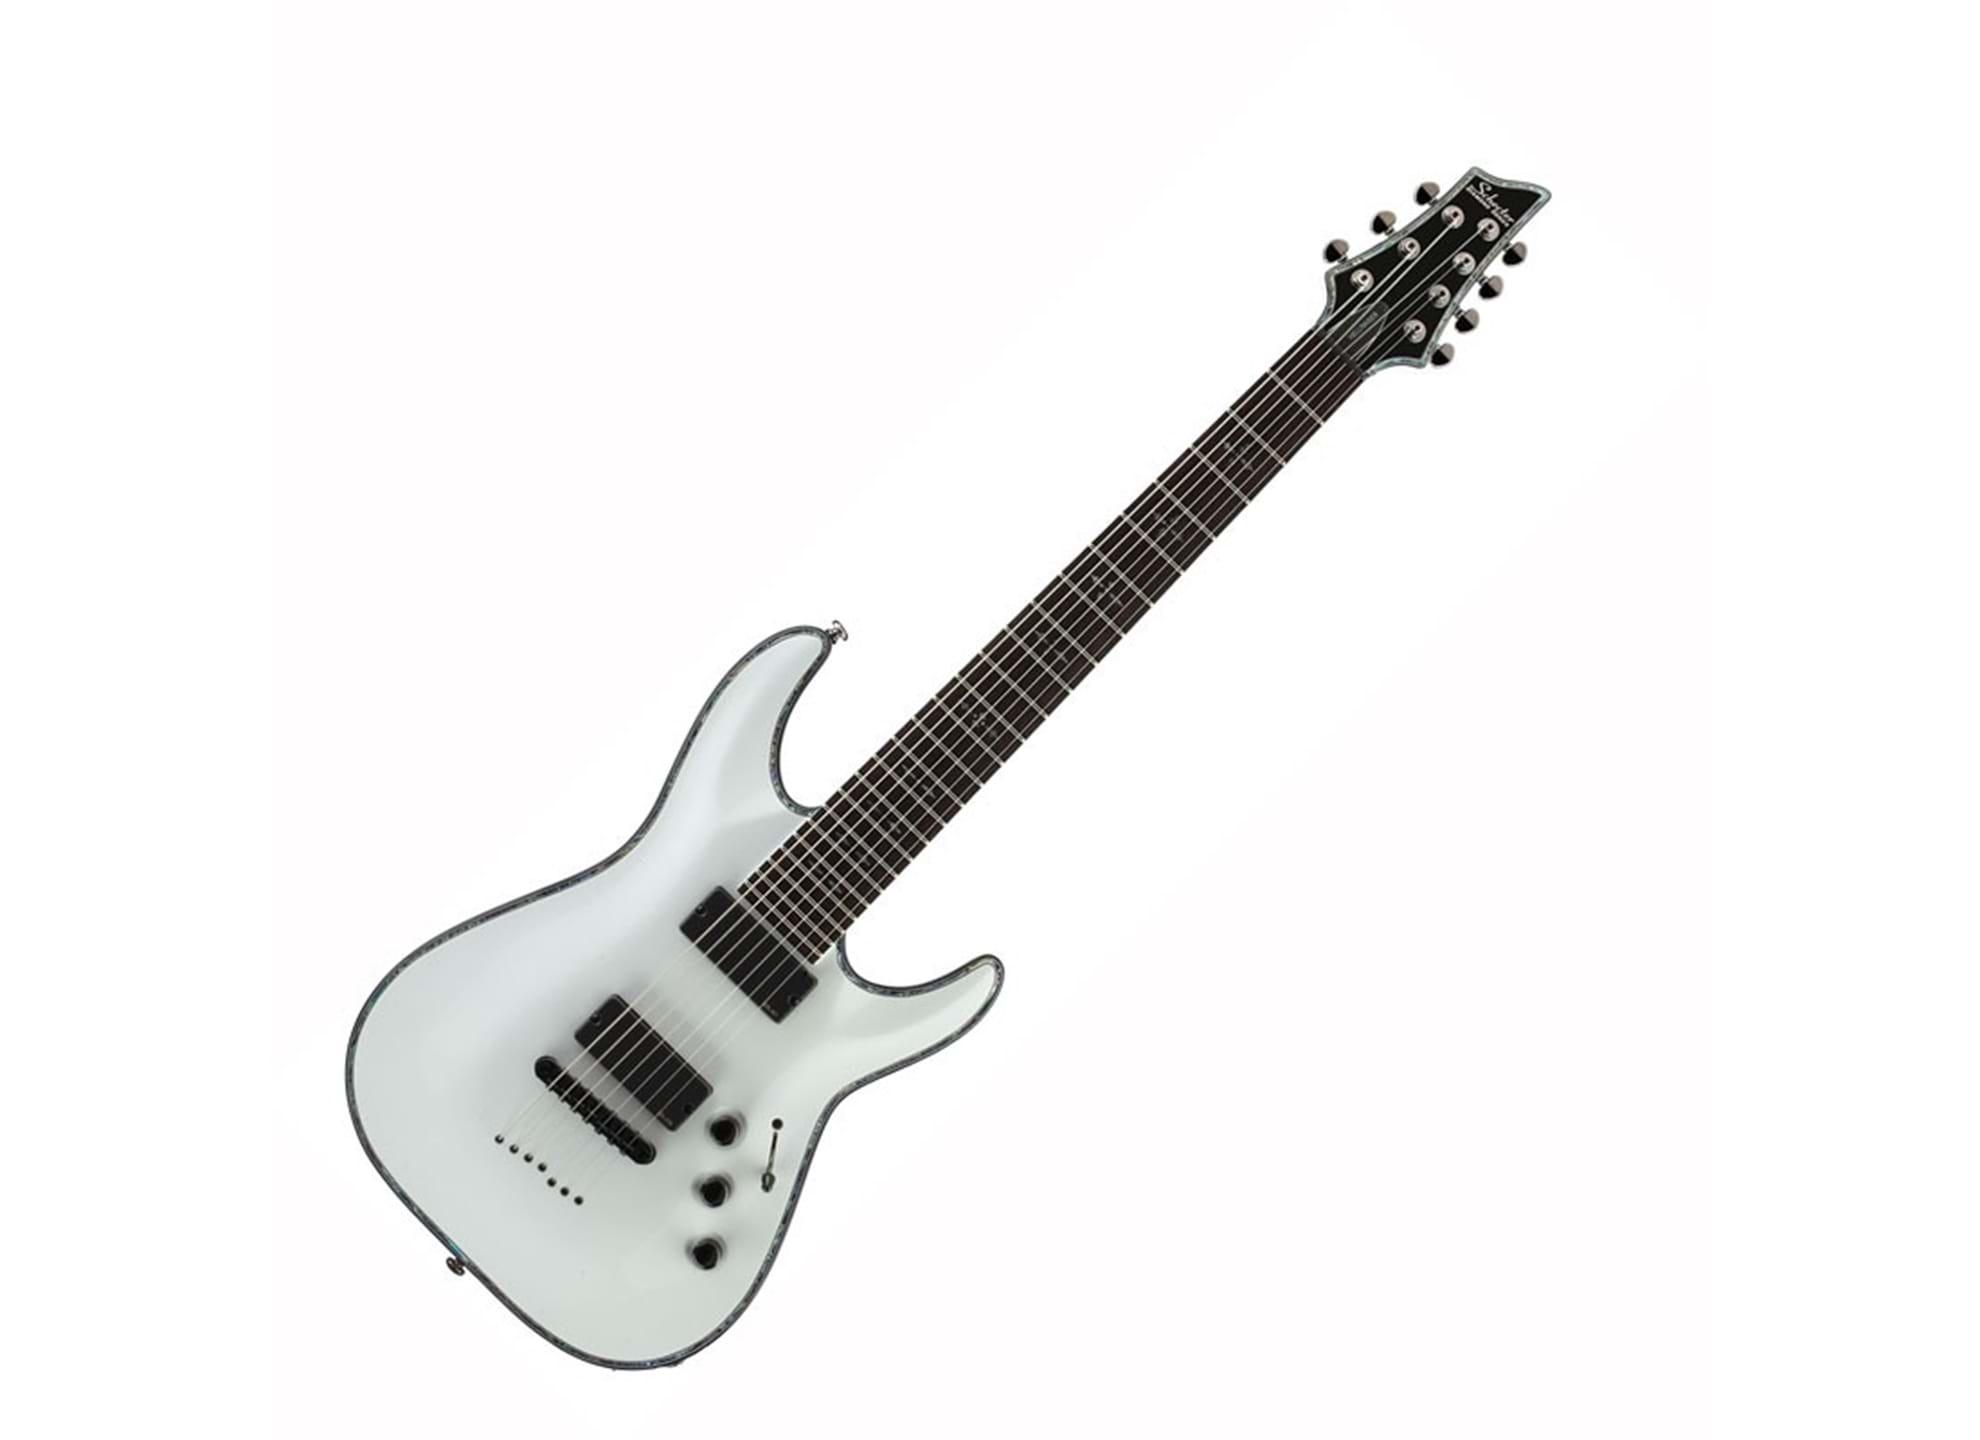 Hellraiser C7 Gloss White